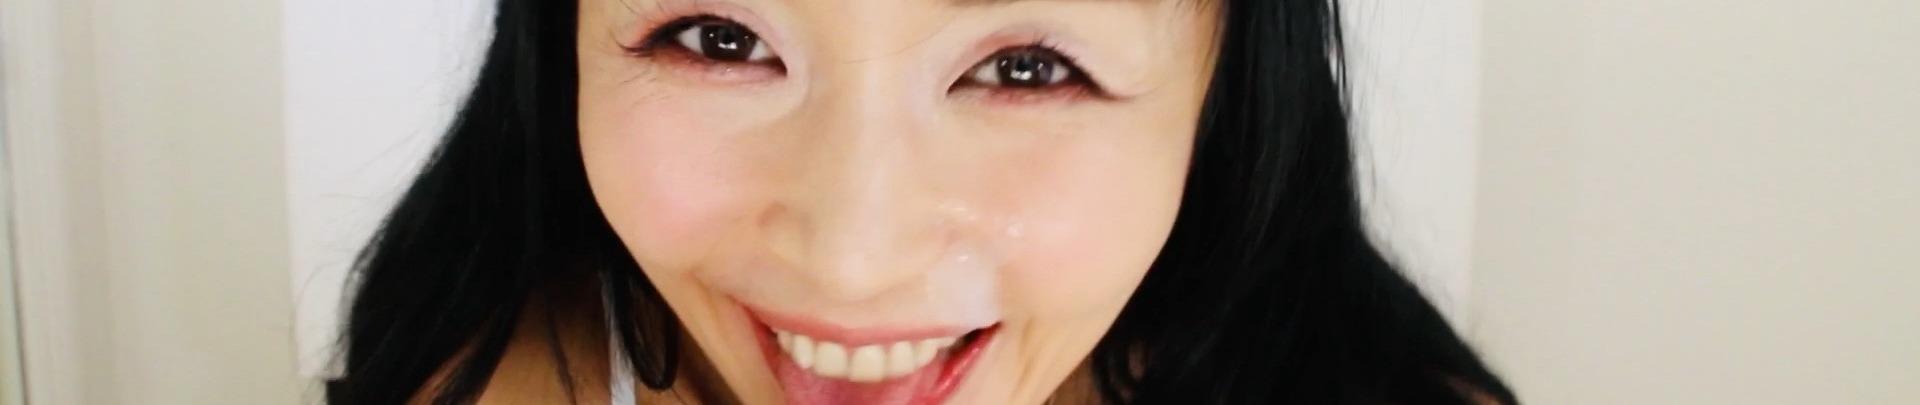 Marica Hase - profile image